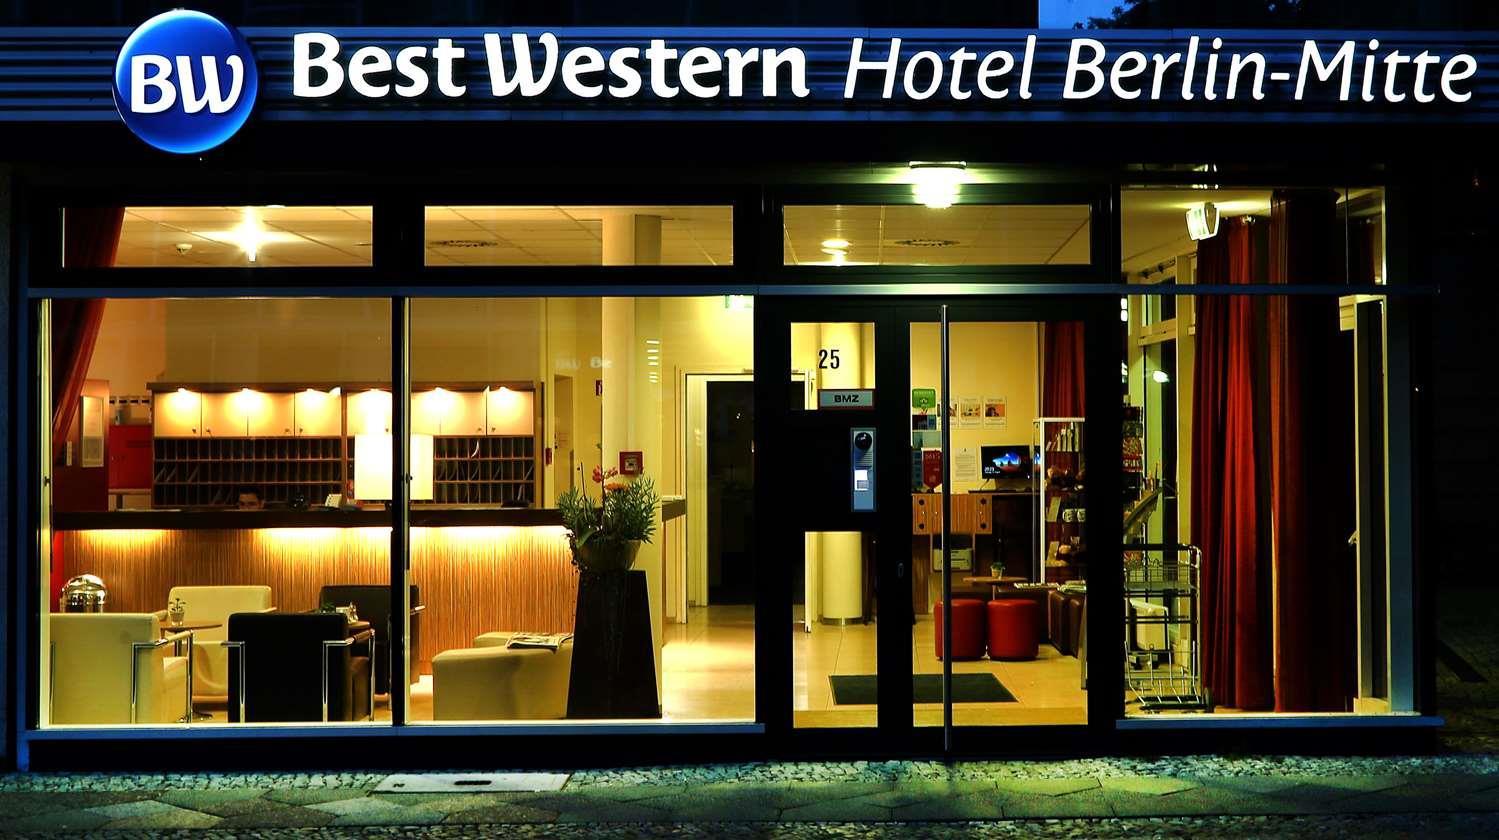 Hotel in berlin bw hotel berlin mitte berlin for Trendige hotels in berlin